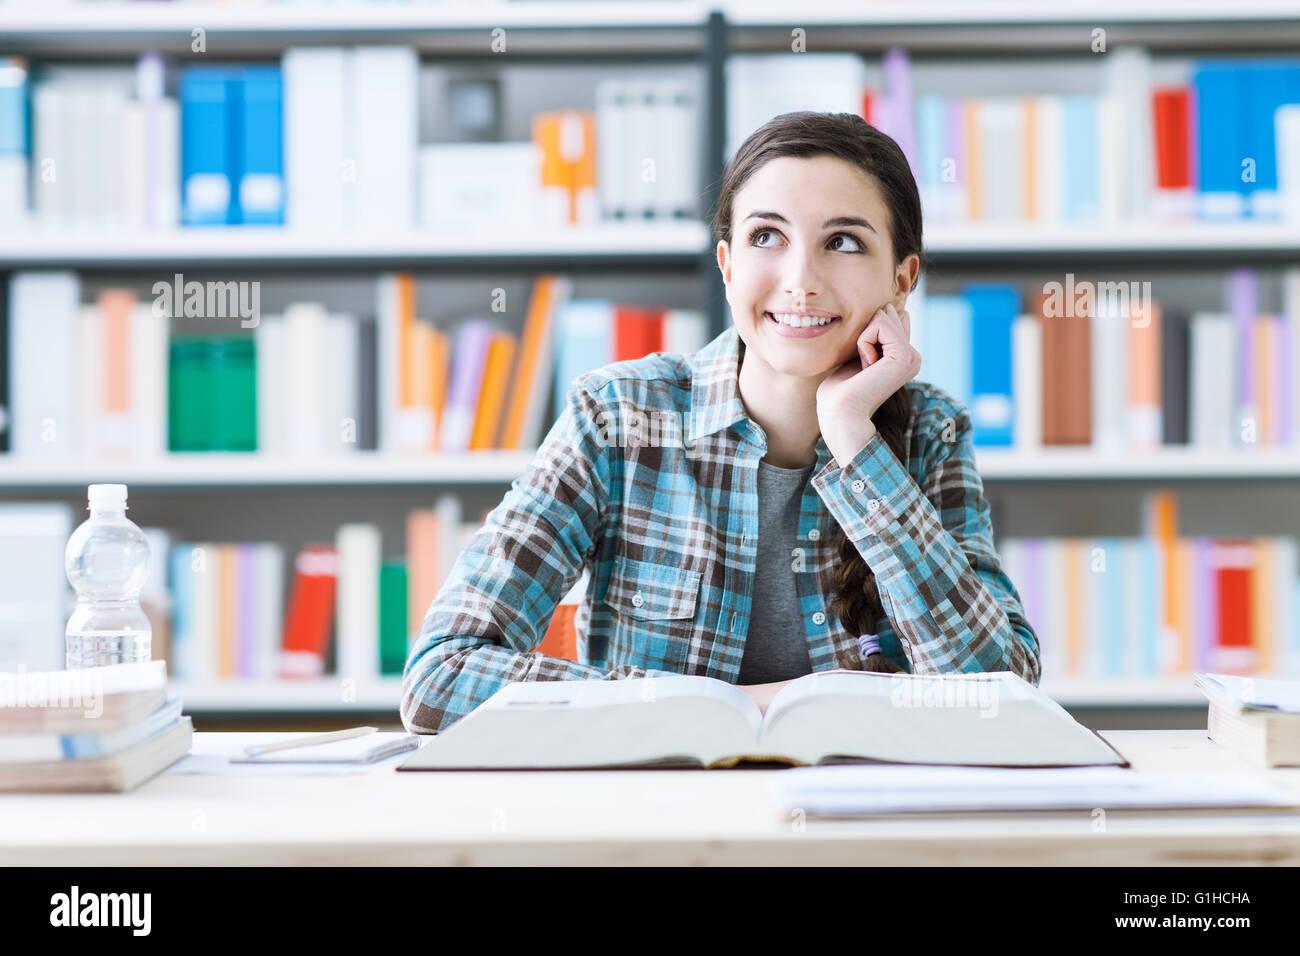 Studentin in der Bibliothek studieren und Tagträumen Lächeln, sie denkt mit Hand am Kinn und nachschlagen, Stockbild